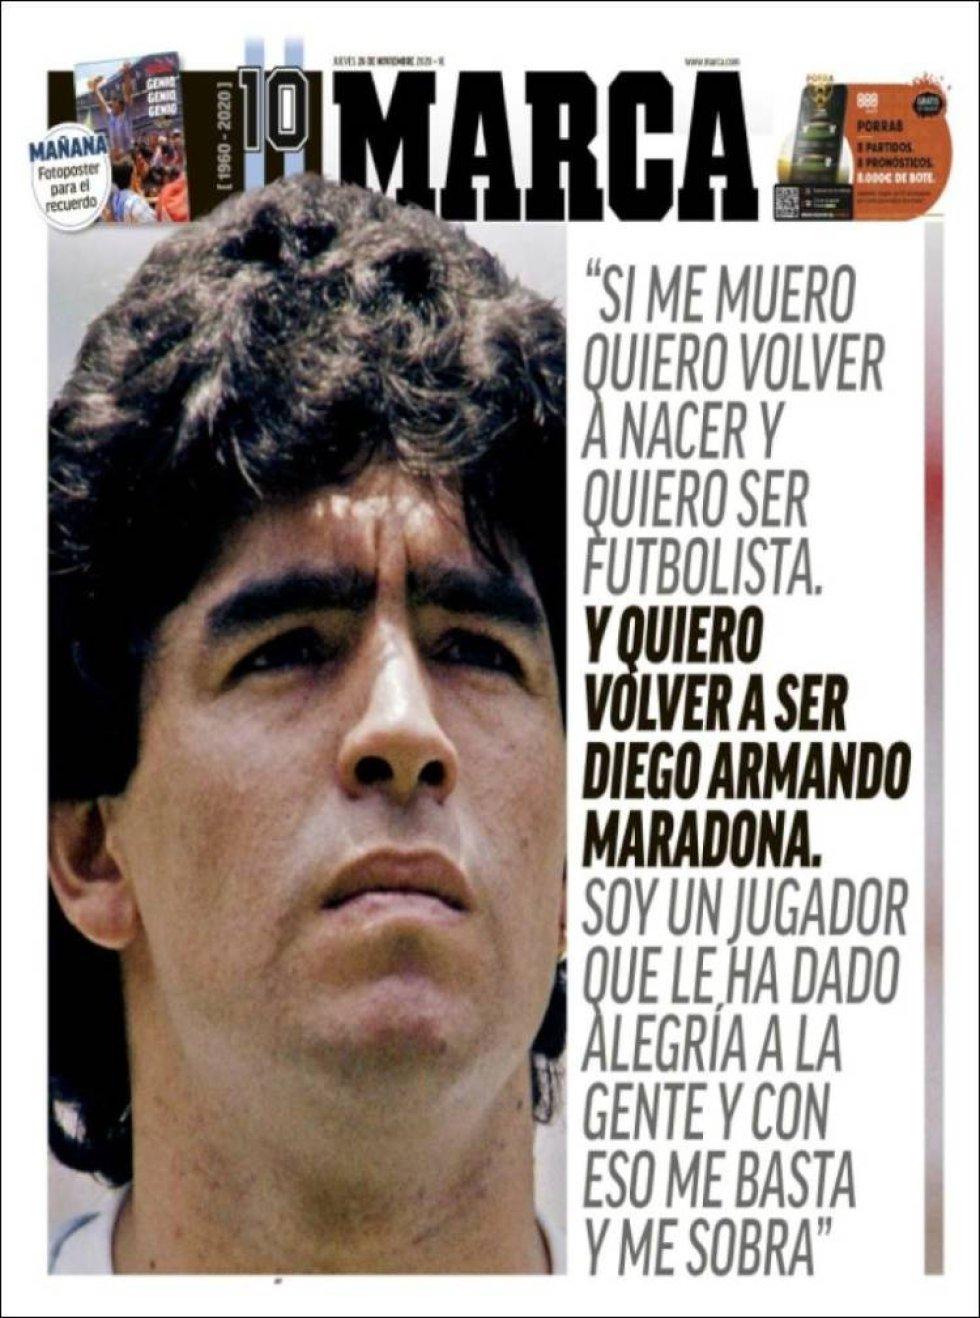 El diario deportivo 'Marca' recuerda una frase célebre del futbolista